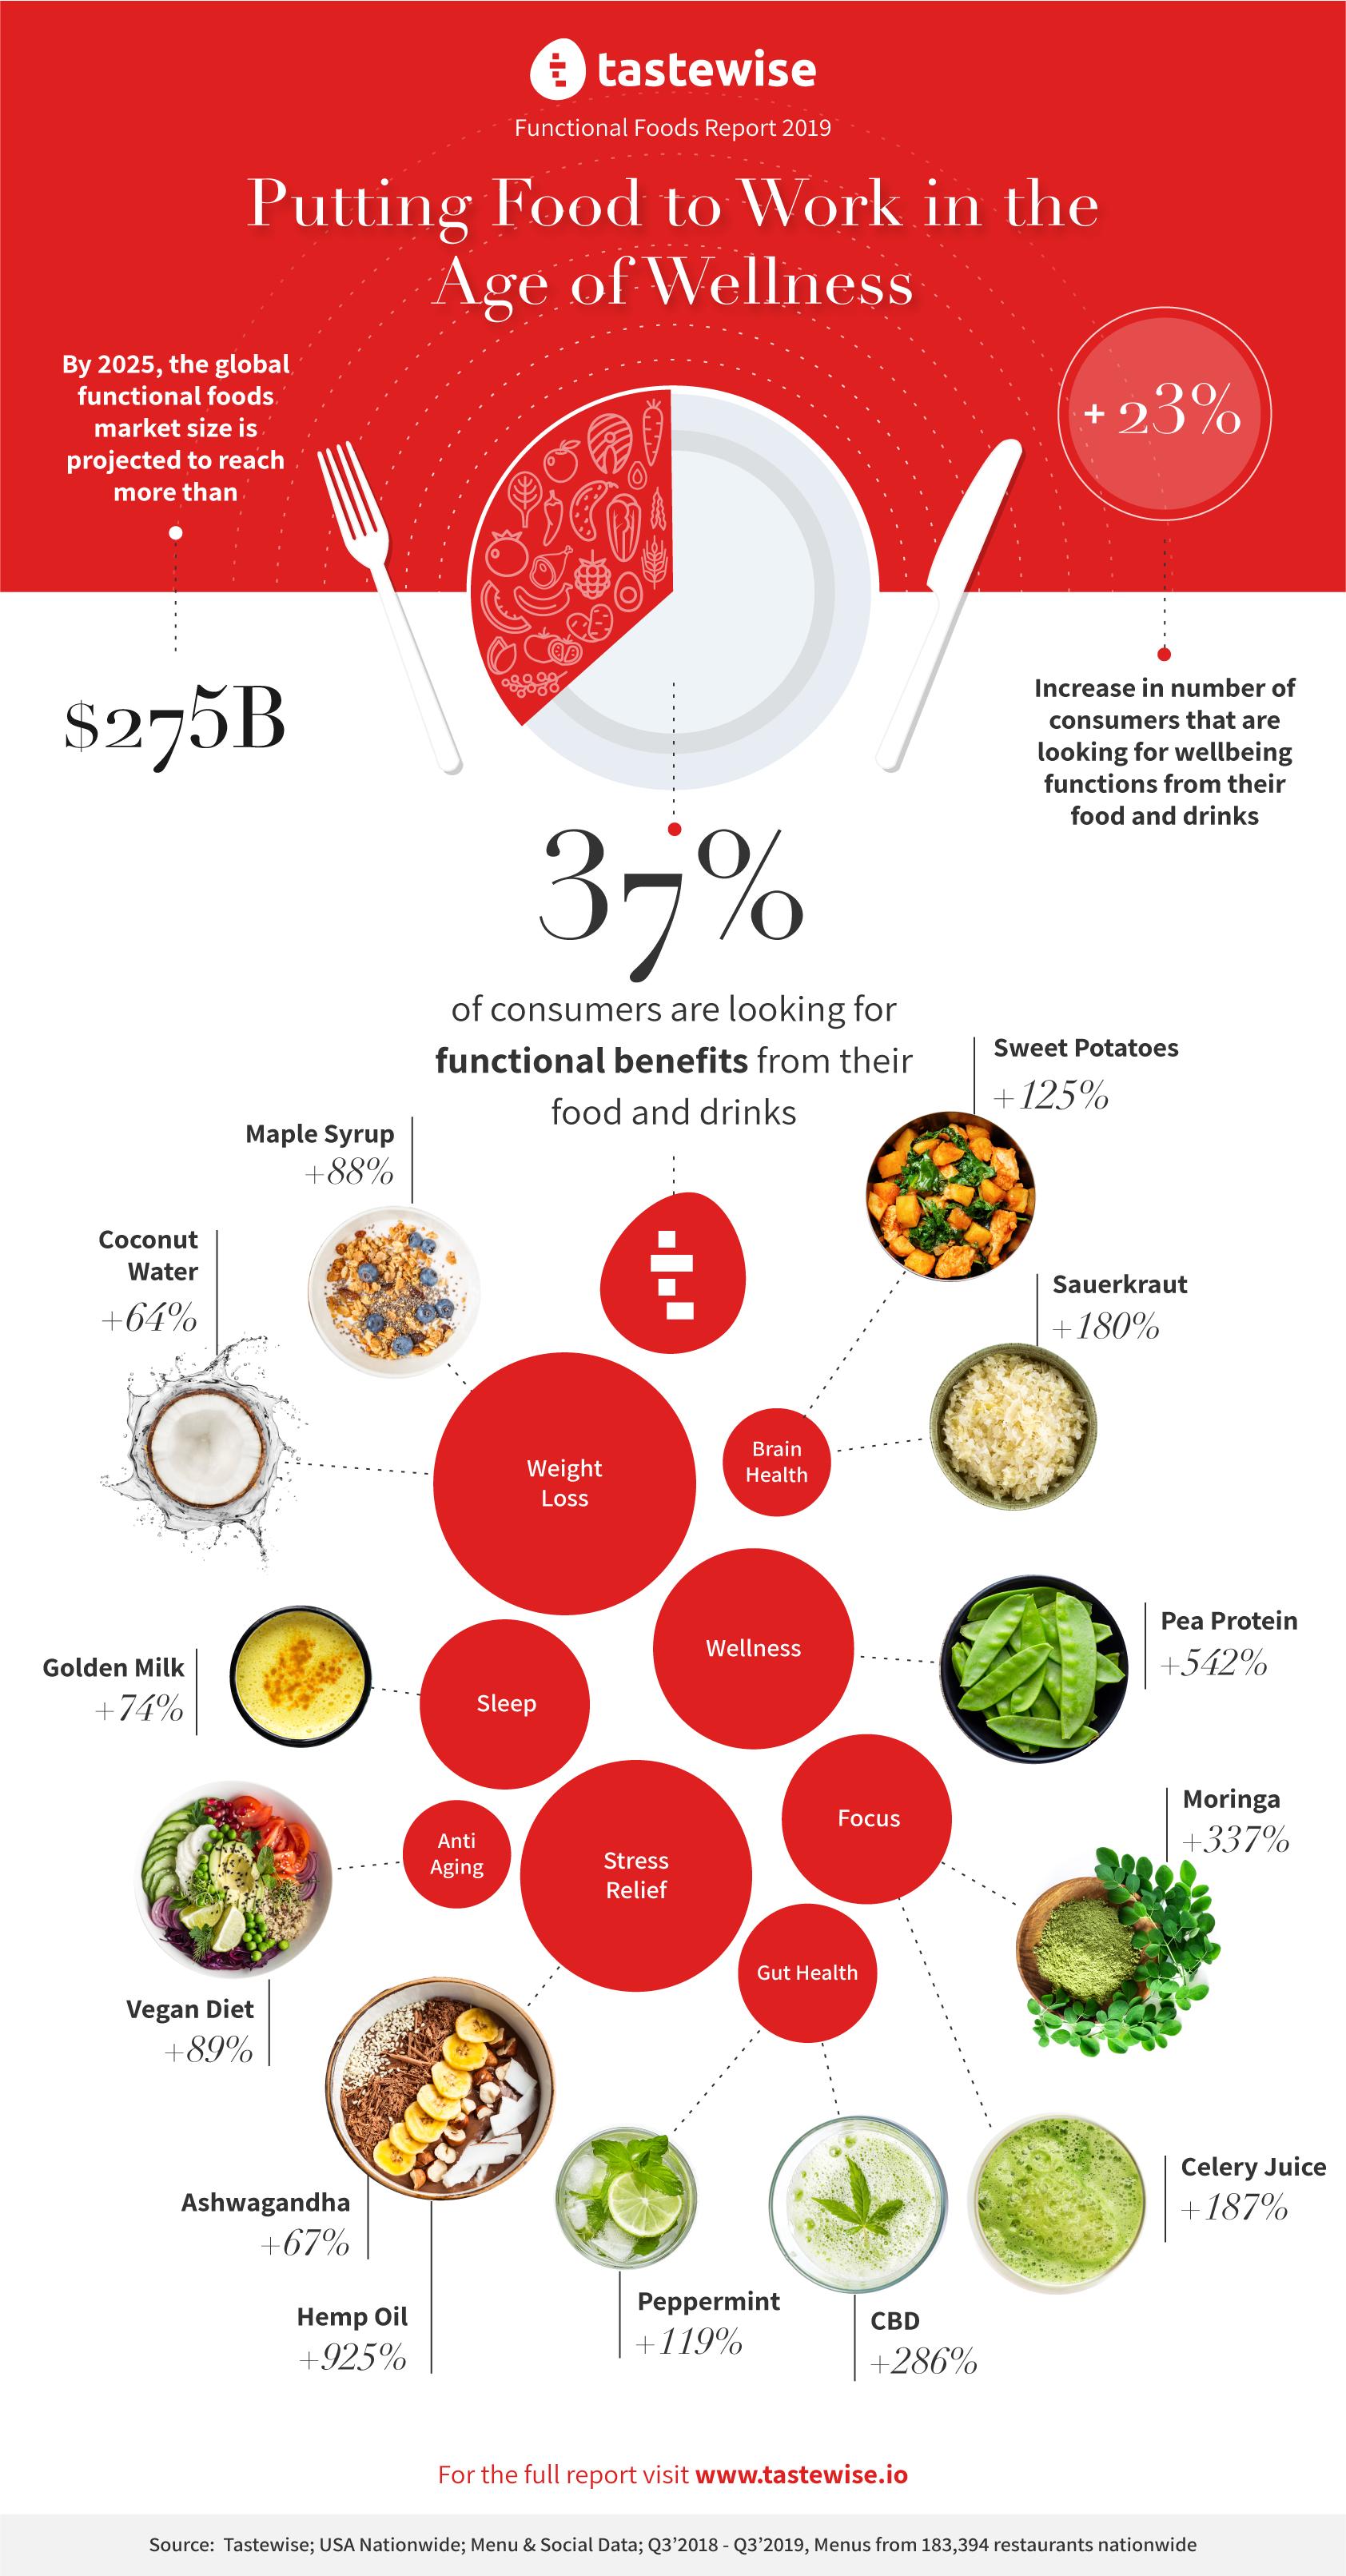 Tastewise infographic